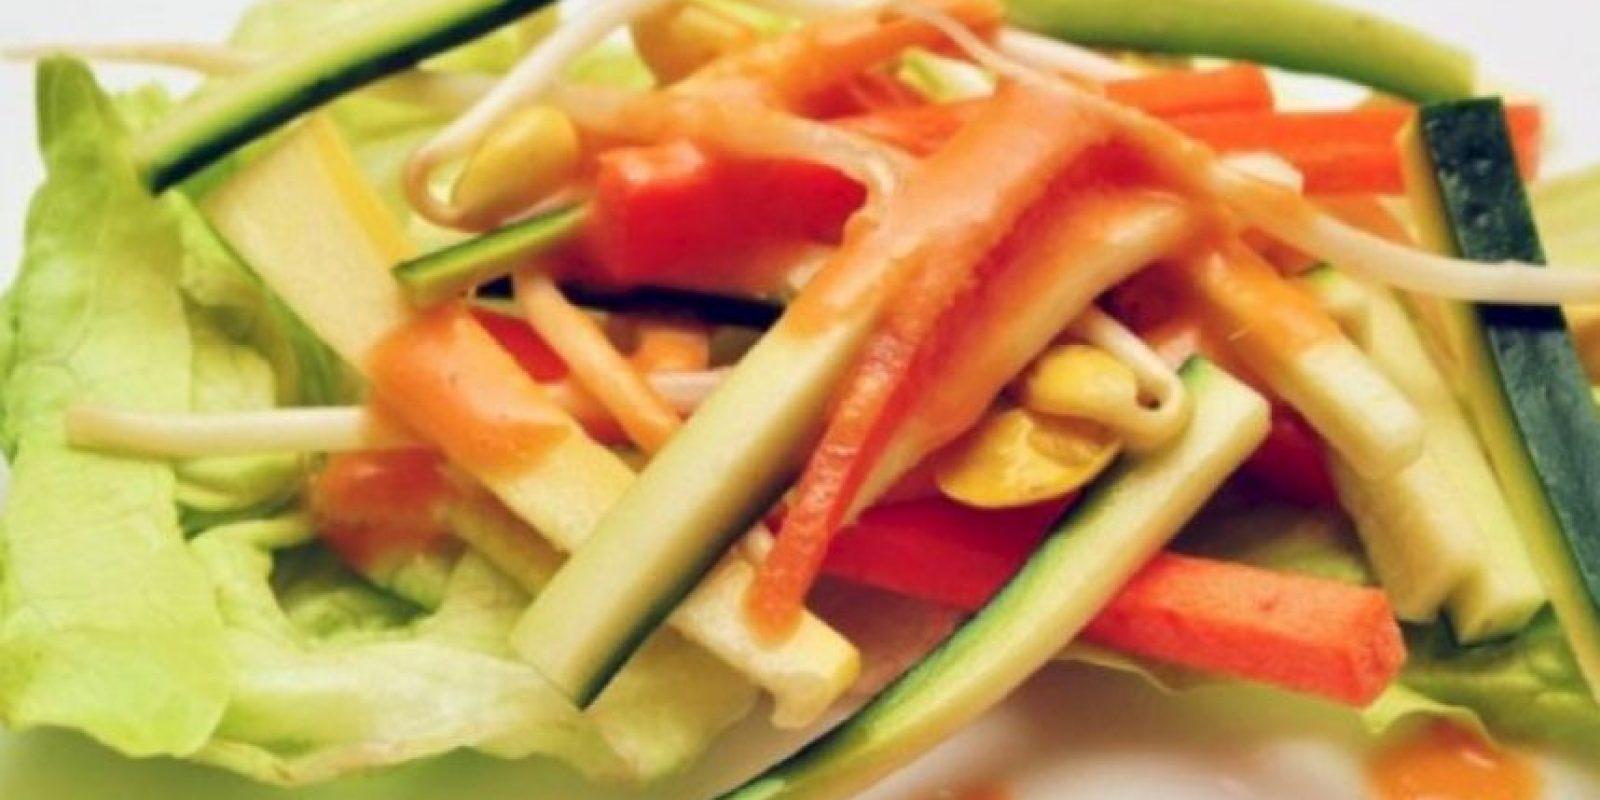 6. Aderezos. La mayoría de los aderezos de ensalada tienen mucha grasa y un alto contenido calórico. Dos cucharadas tienen 200 calorías en promedio. Foto:Tumblr.com/Tagged-salad